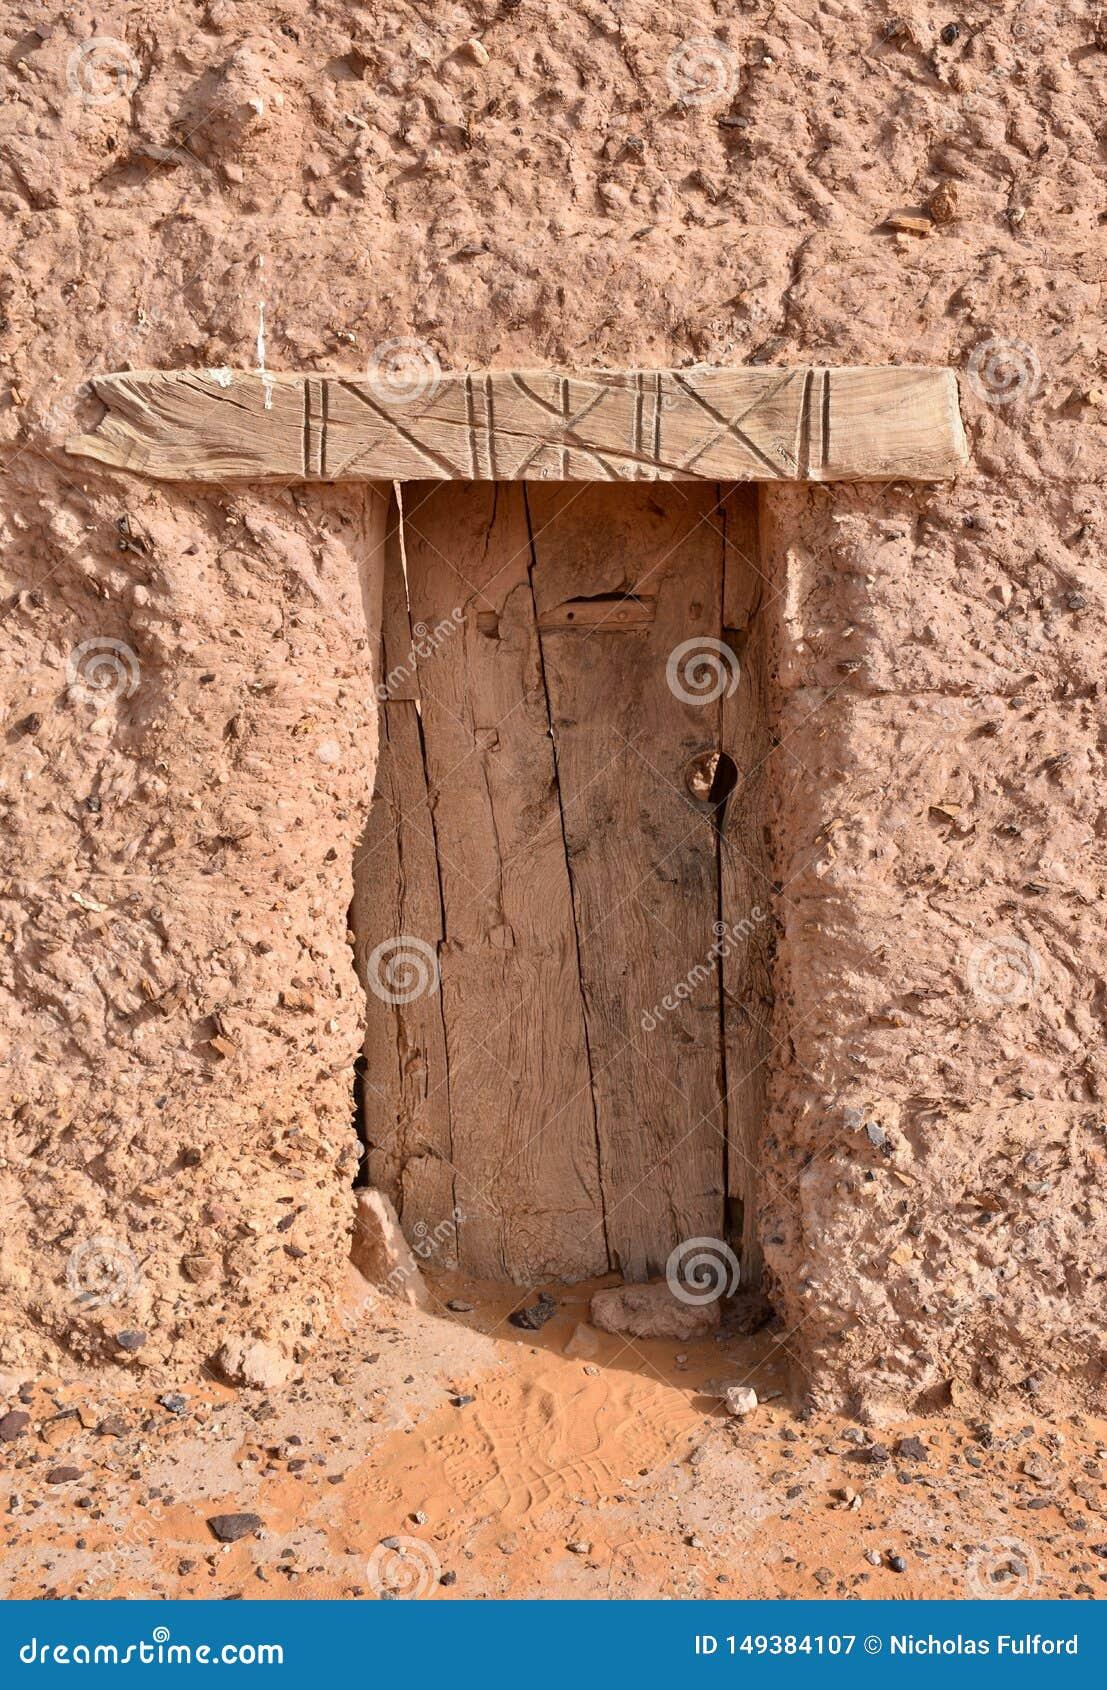 Αρχαία ξύλινη πόρτα του σπιτιού τούβλου λάσπης στο Σουδάν